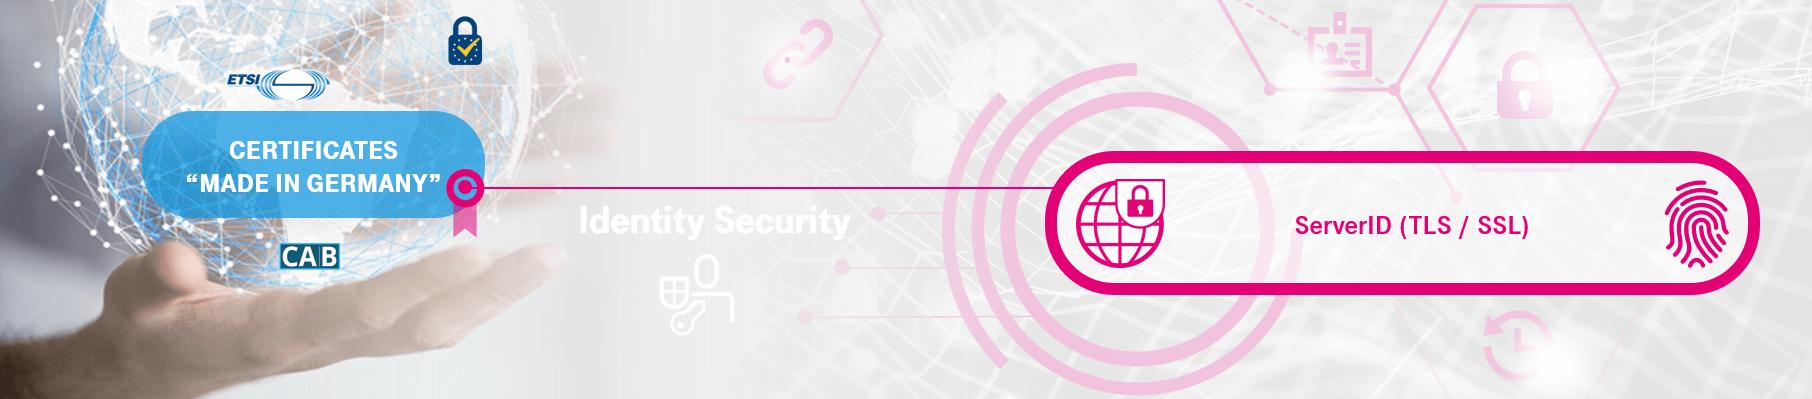 ServerPass Banner